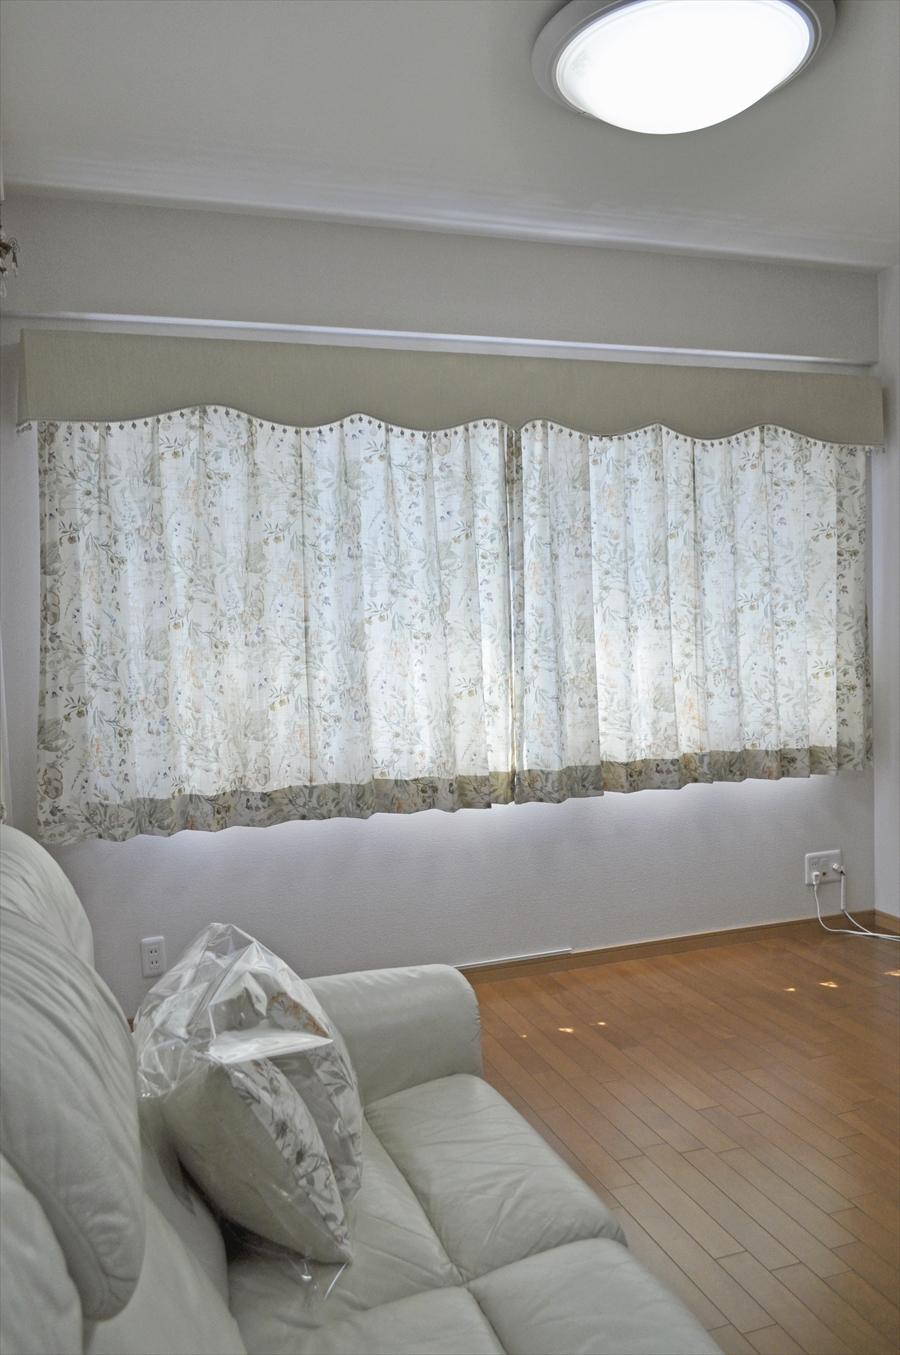 オーガニックコットンの水彩画風花柄ドレープ バランスカーテンでプロヴァンスな窓辺